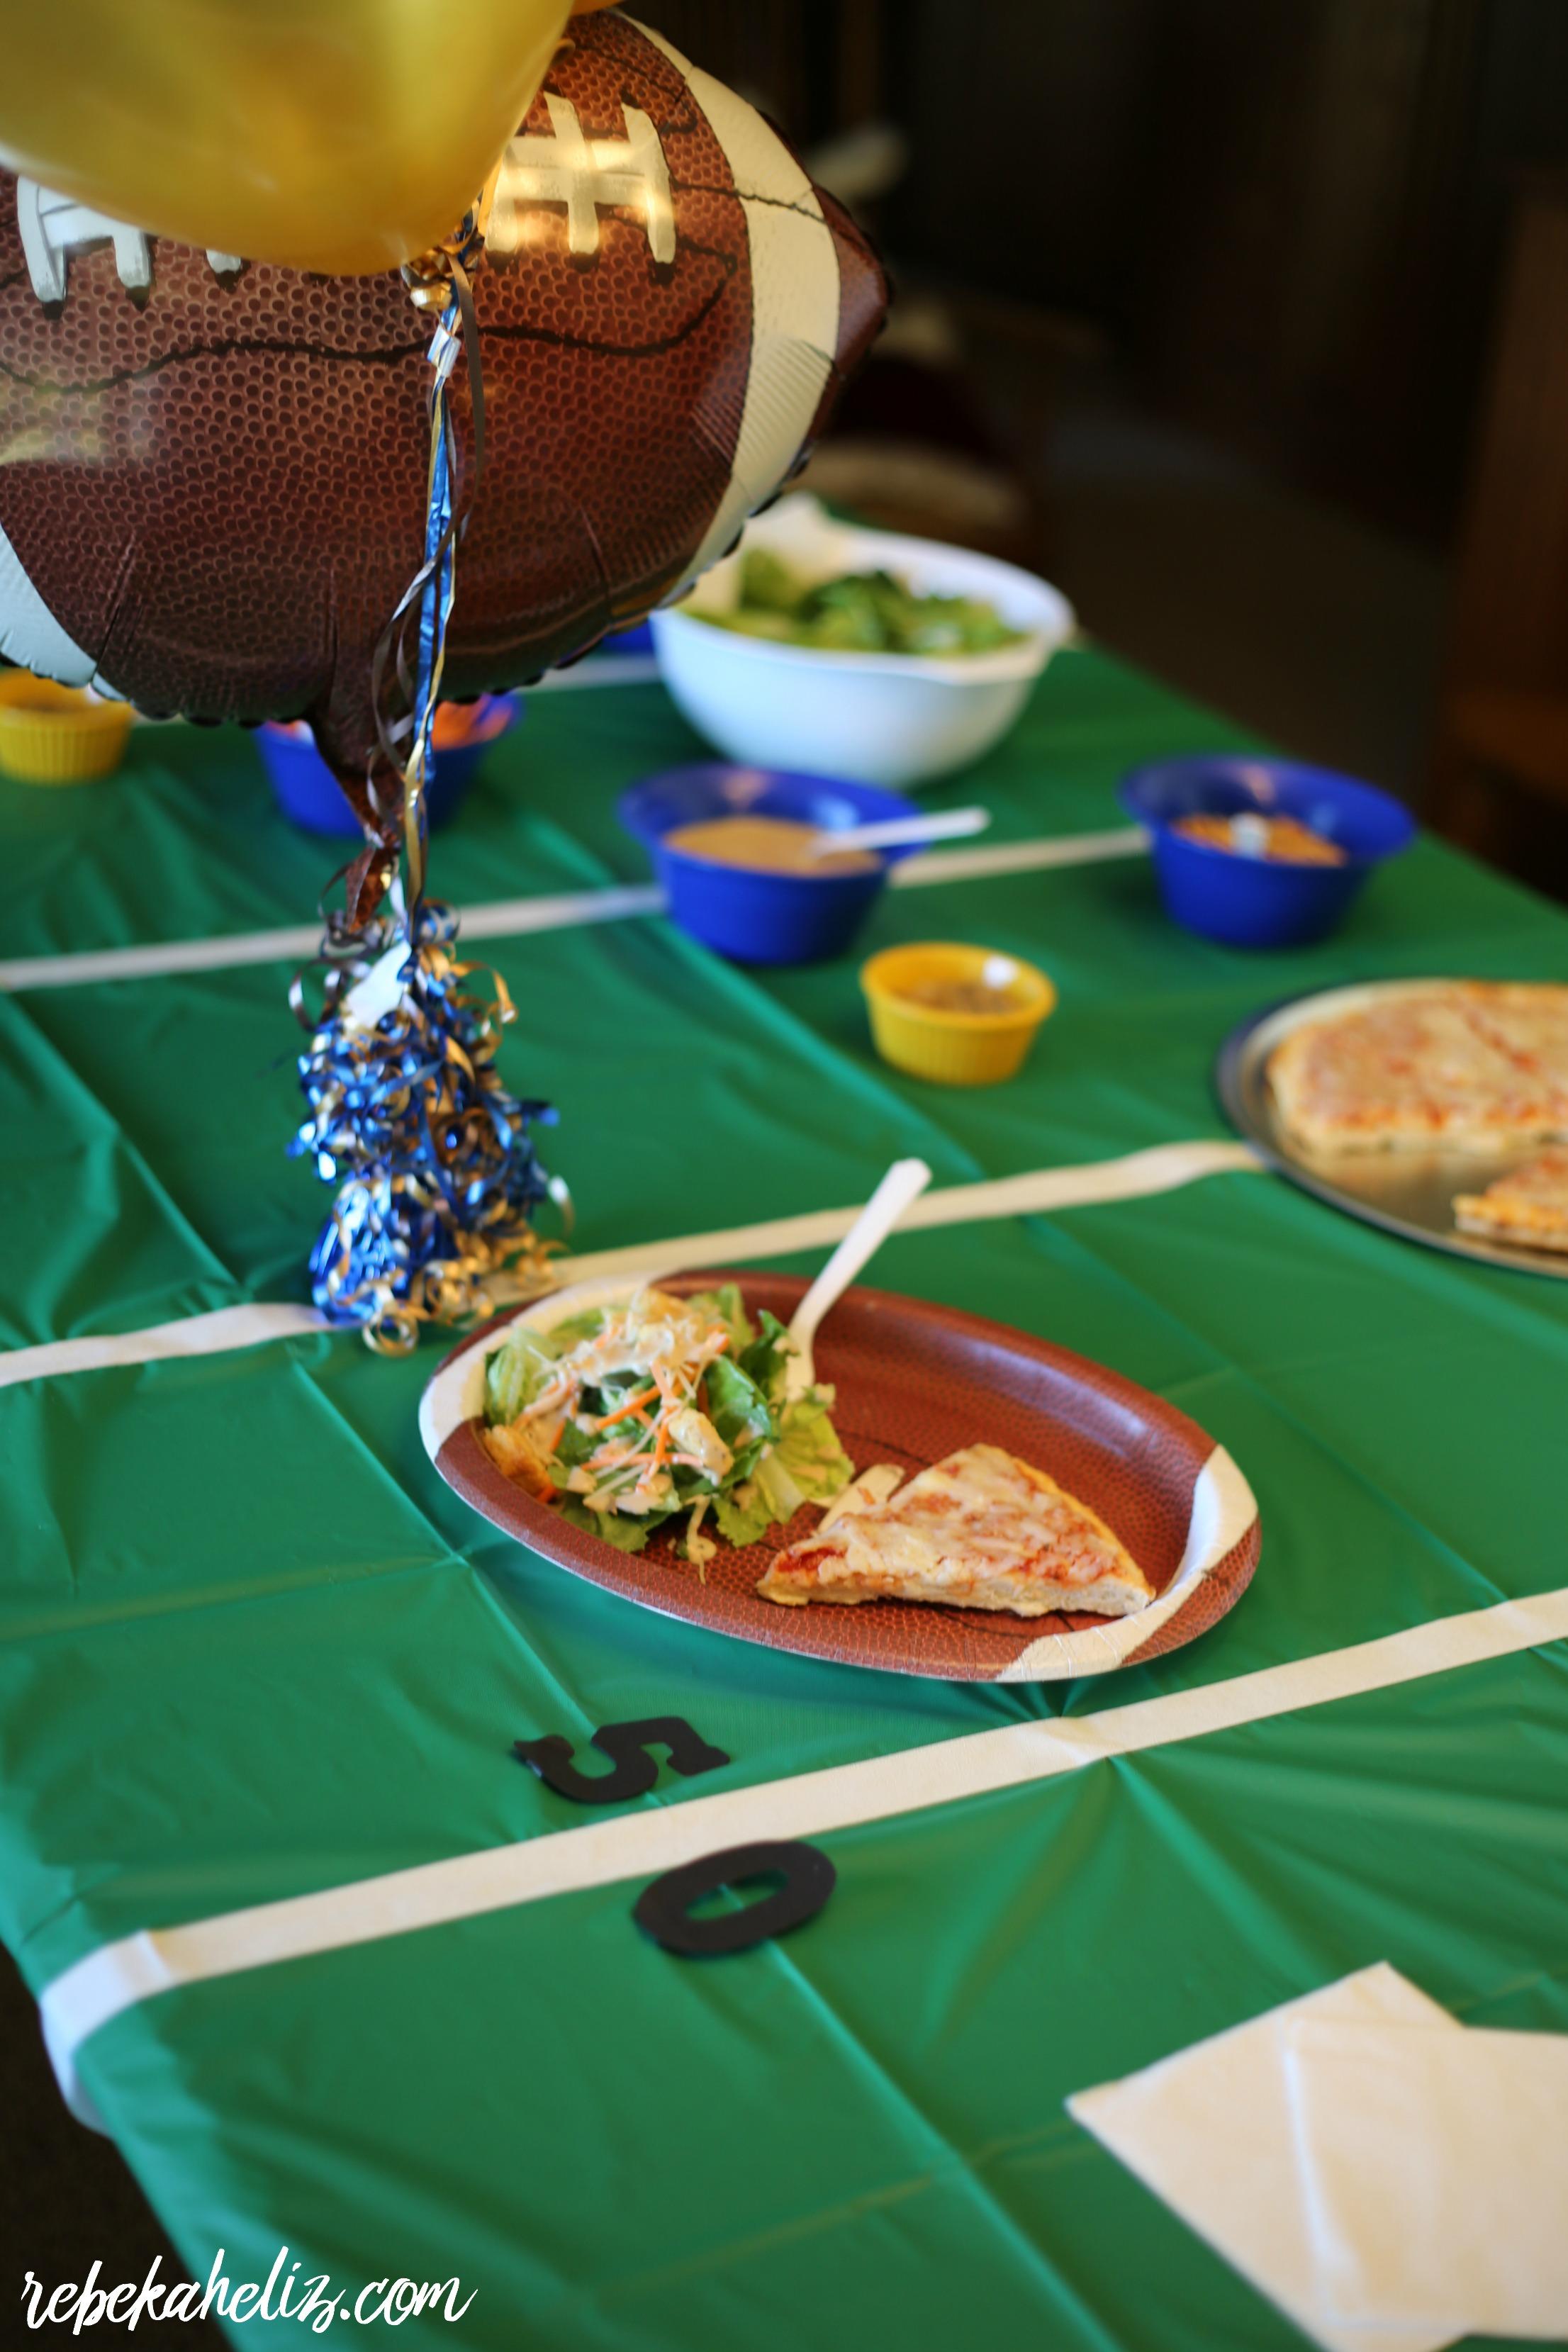 tony's pizza, pizza, cheese pizza, football, football party